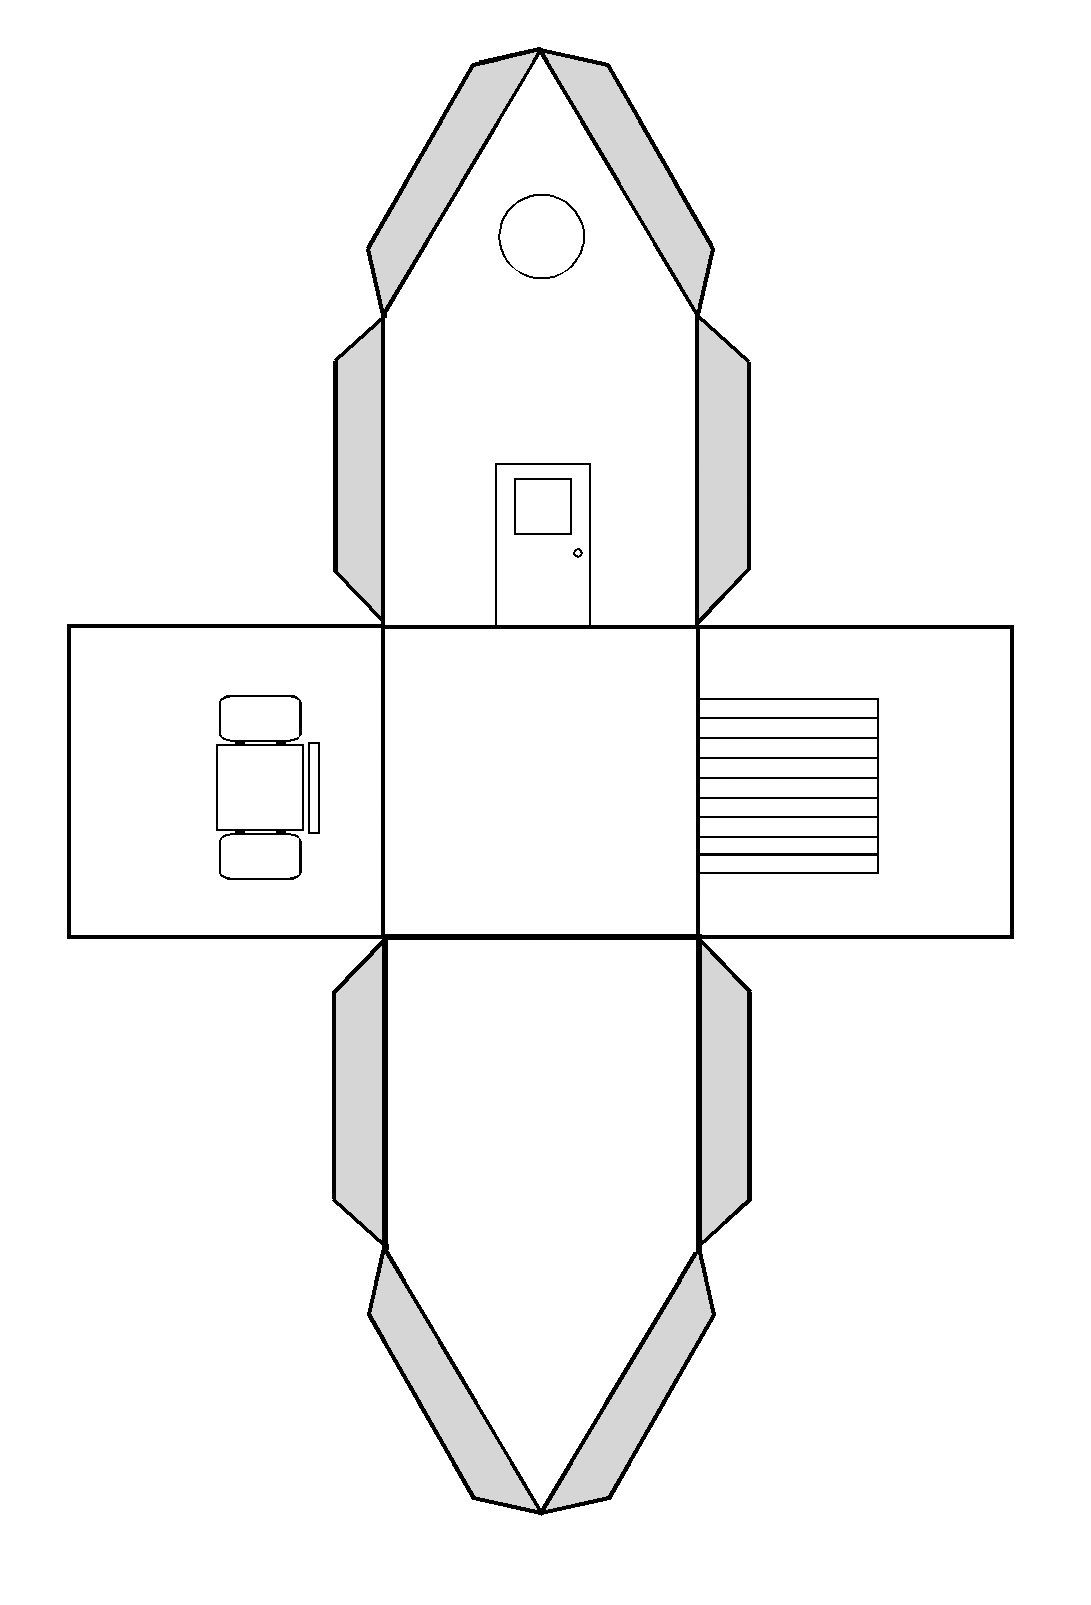 Faire Une Maison En Volume Par Pliage Et Collage | Maisons intérieur Patron De Maison En Papier A Imprimer